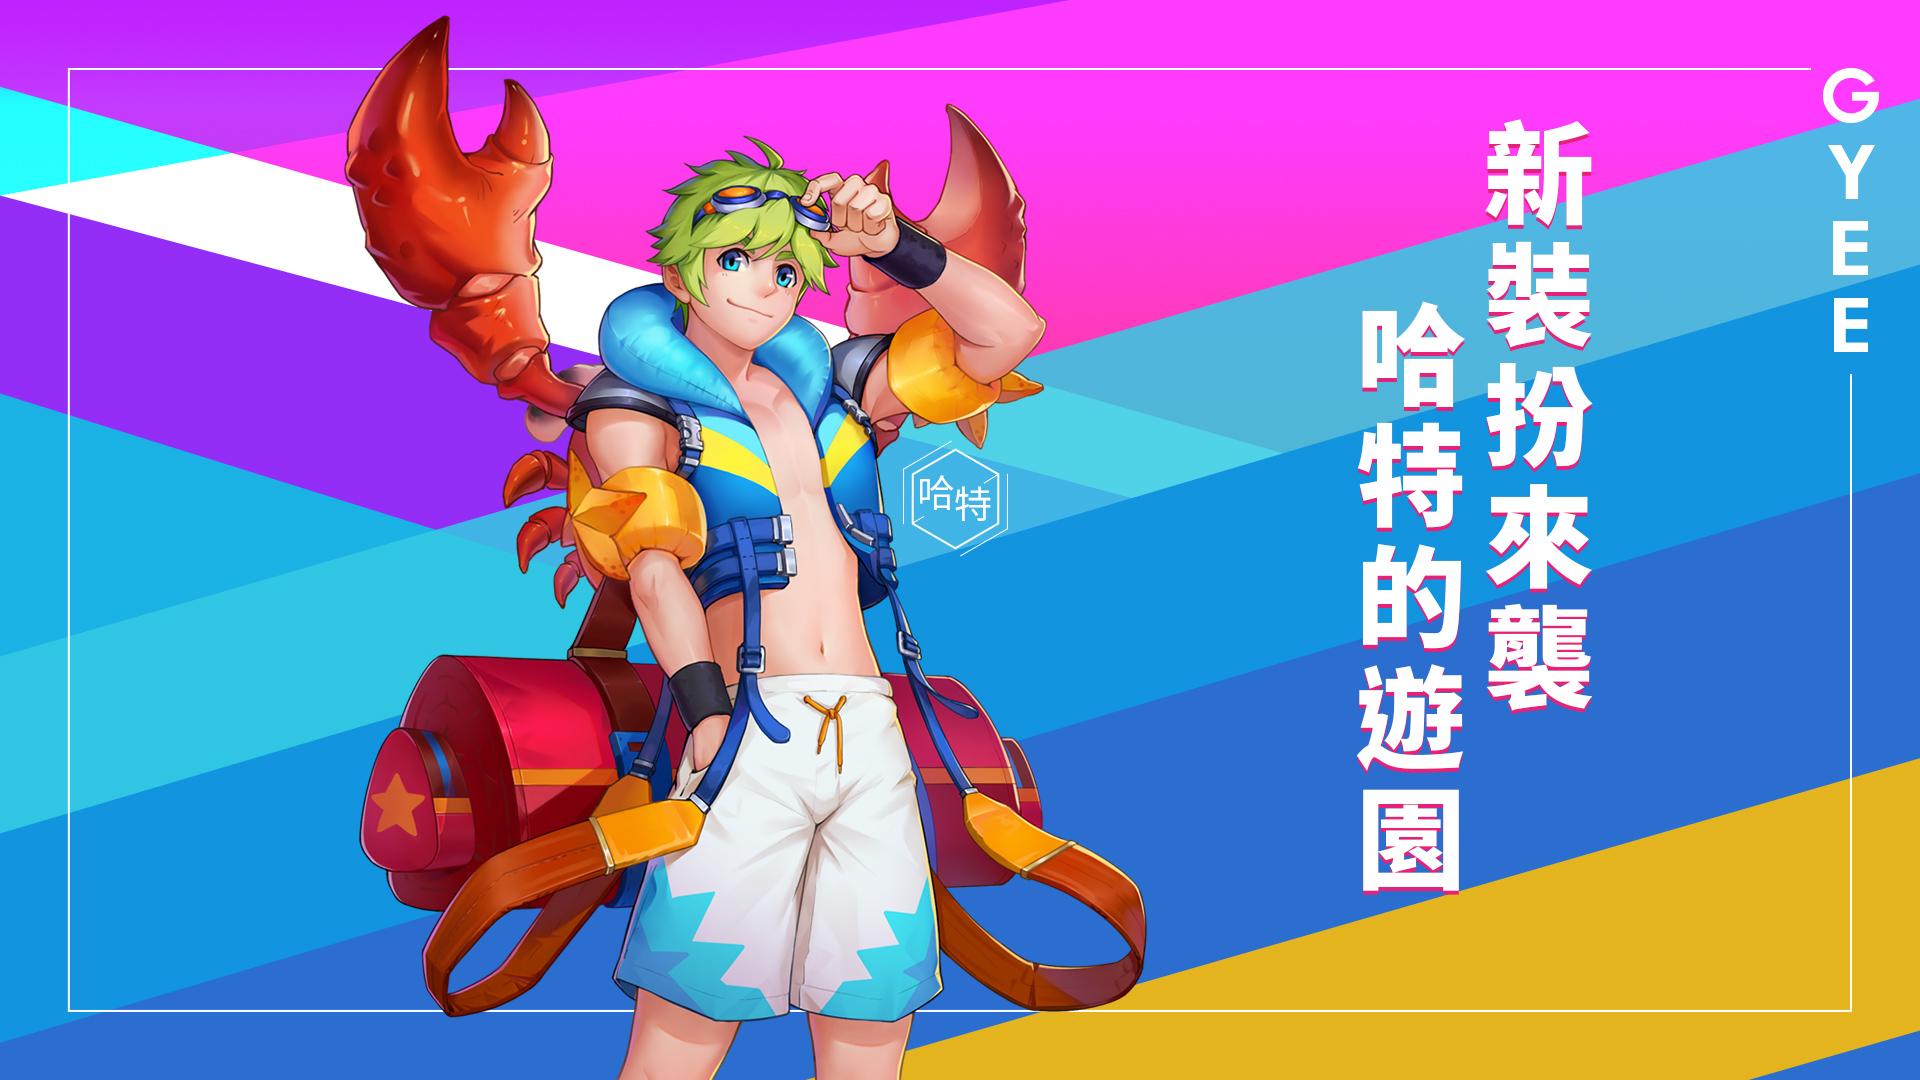 9月12日例行維護更新公告-4FB_社区图_哈特_1920x1080_JPG.jpg